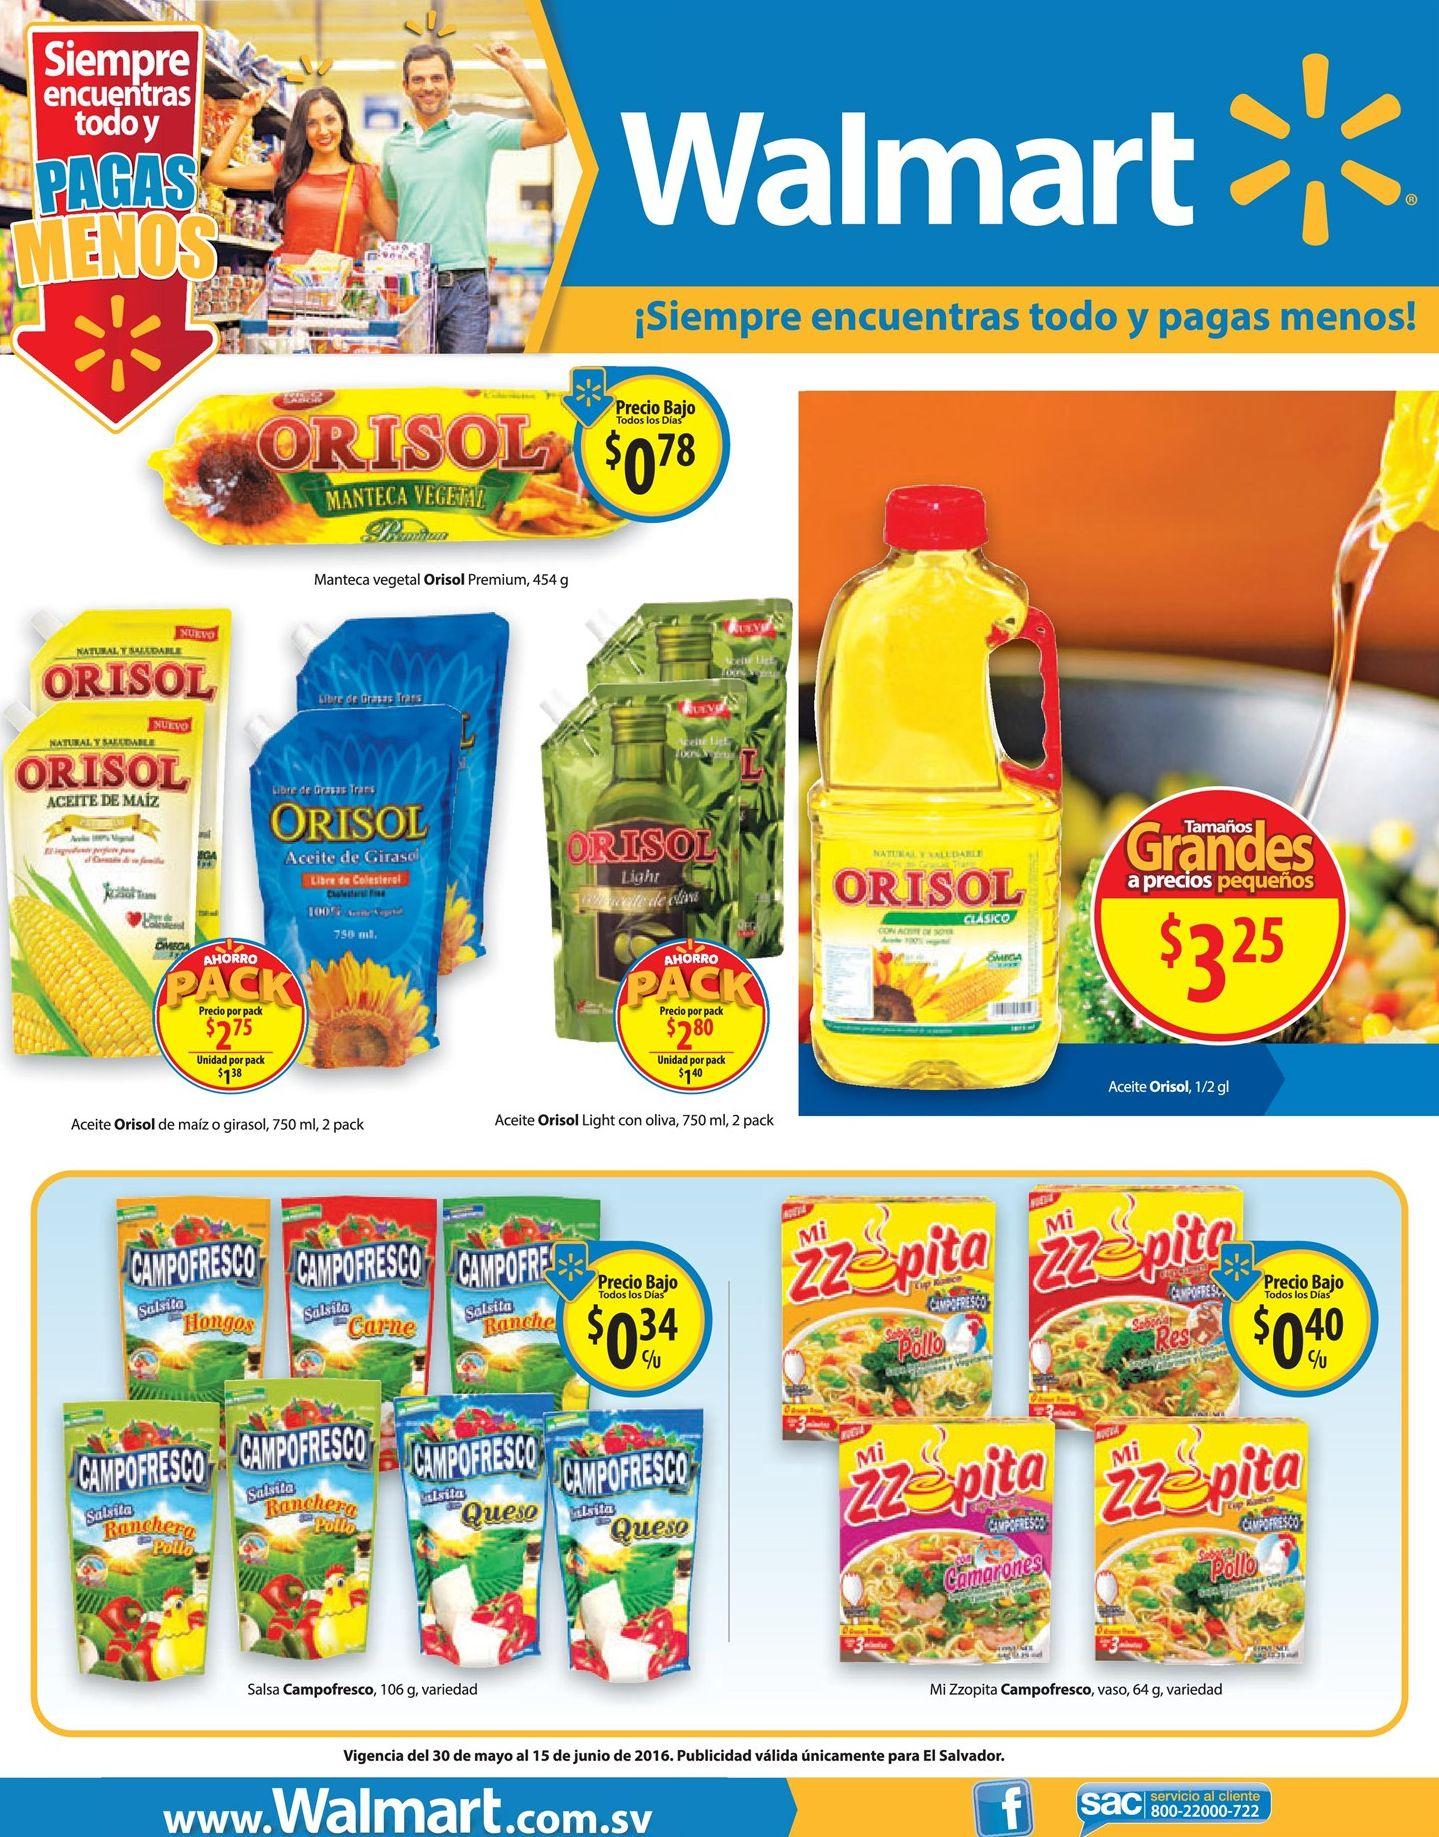 Las cocineras entienden estos precios bajos del WALMART